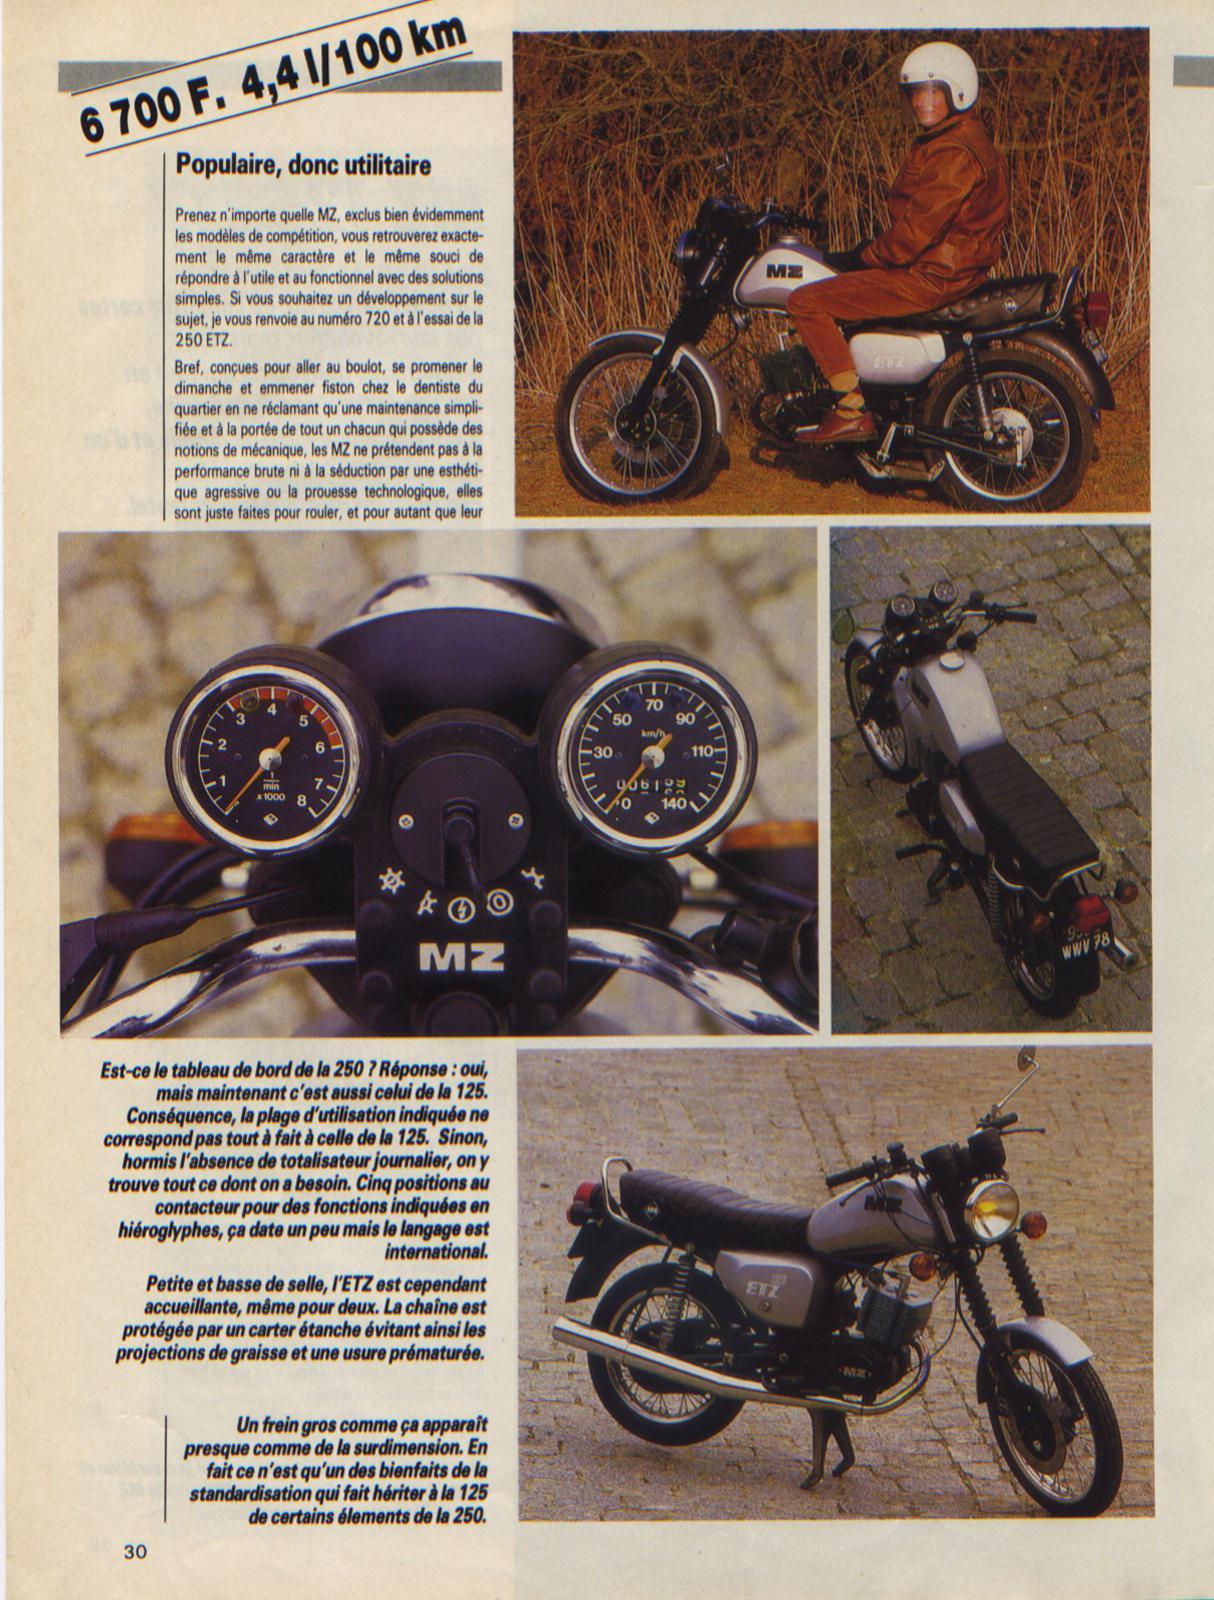 essai moto journal 1986 125 etz 943307Scan3